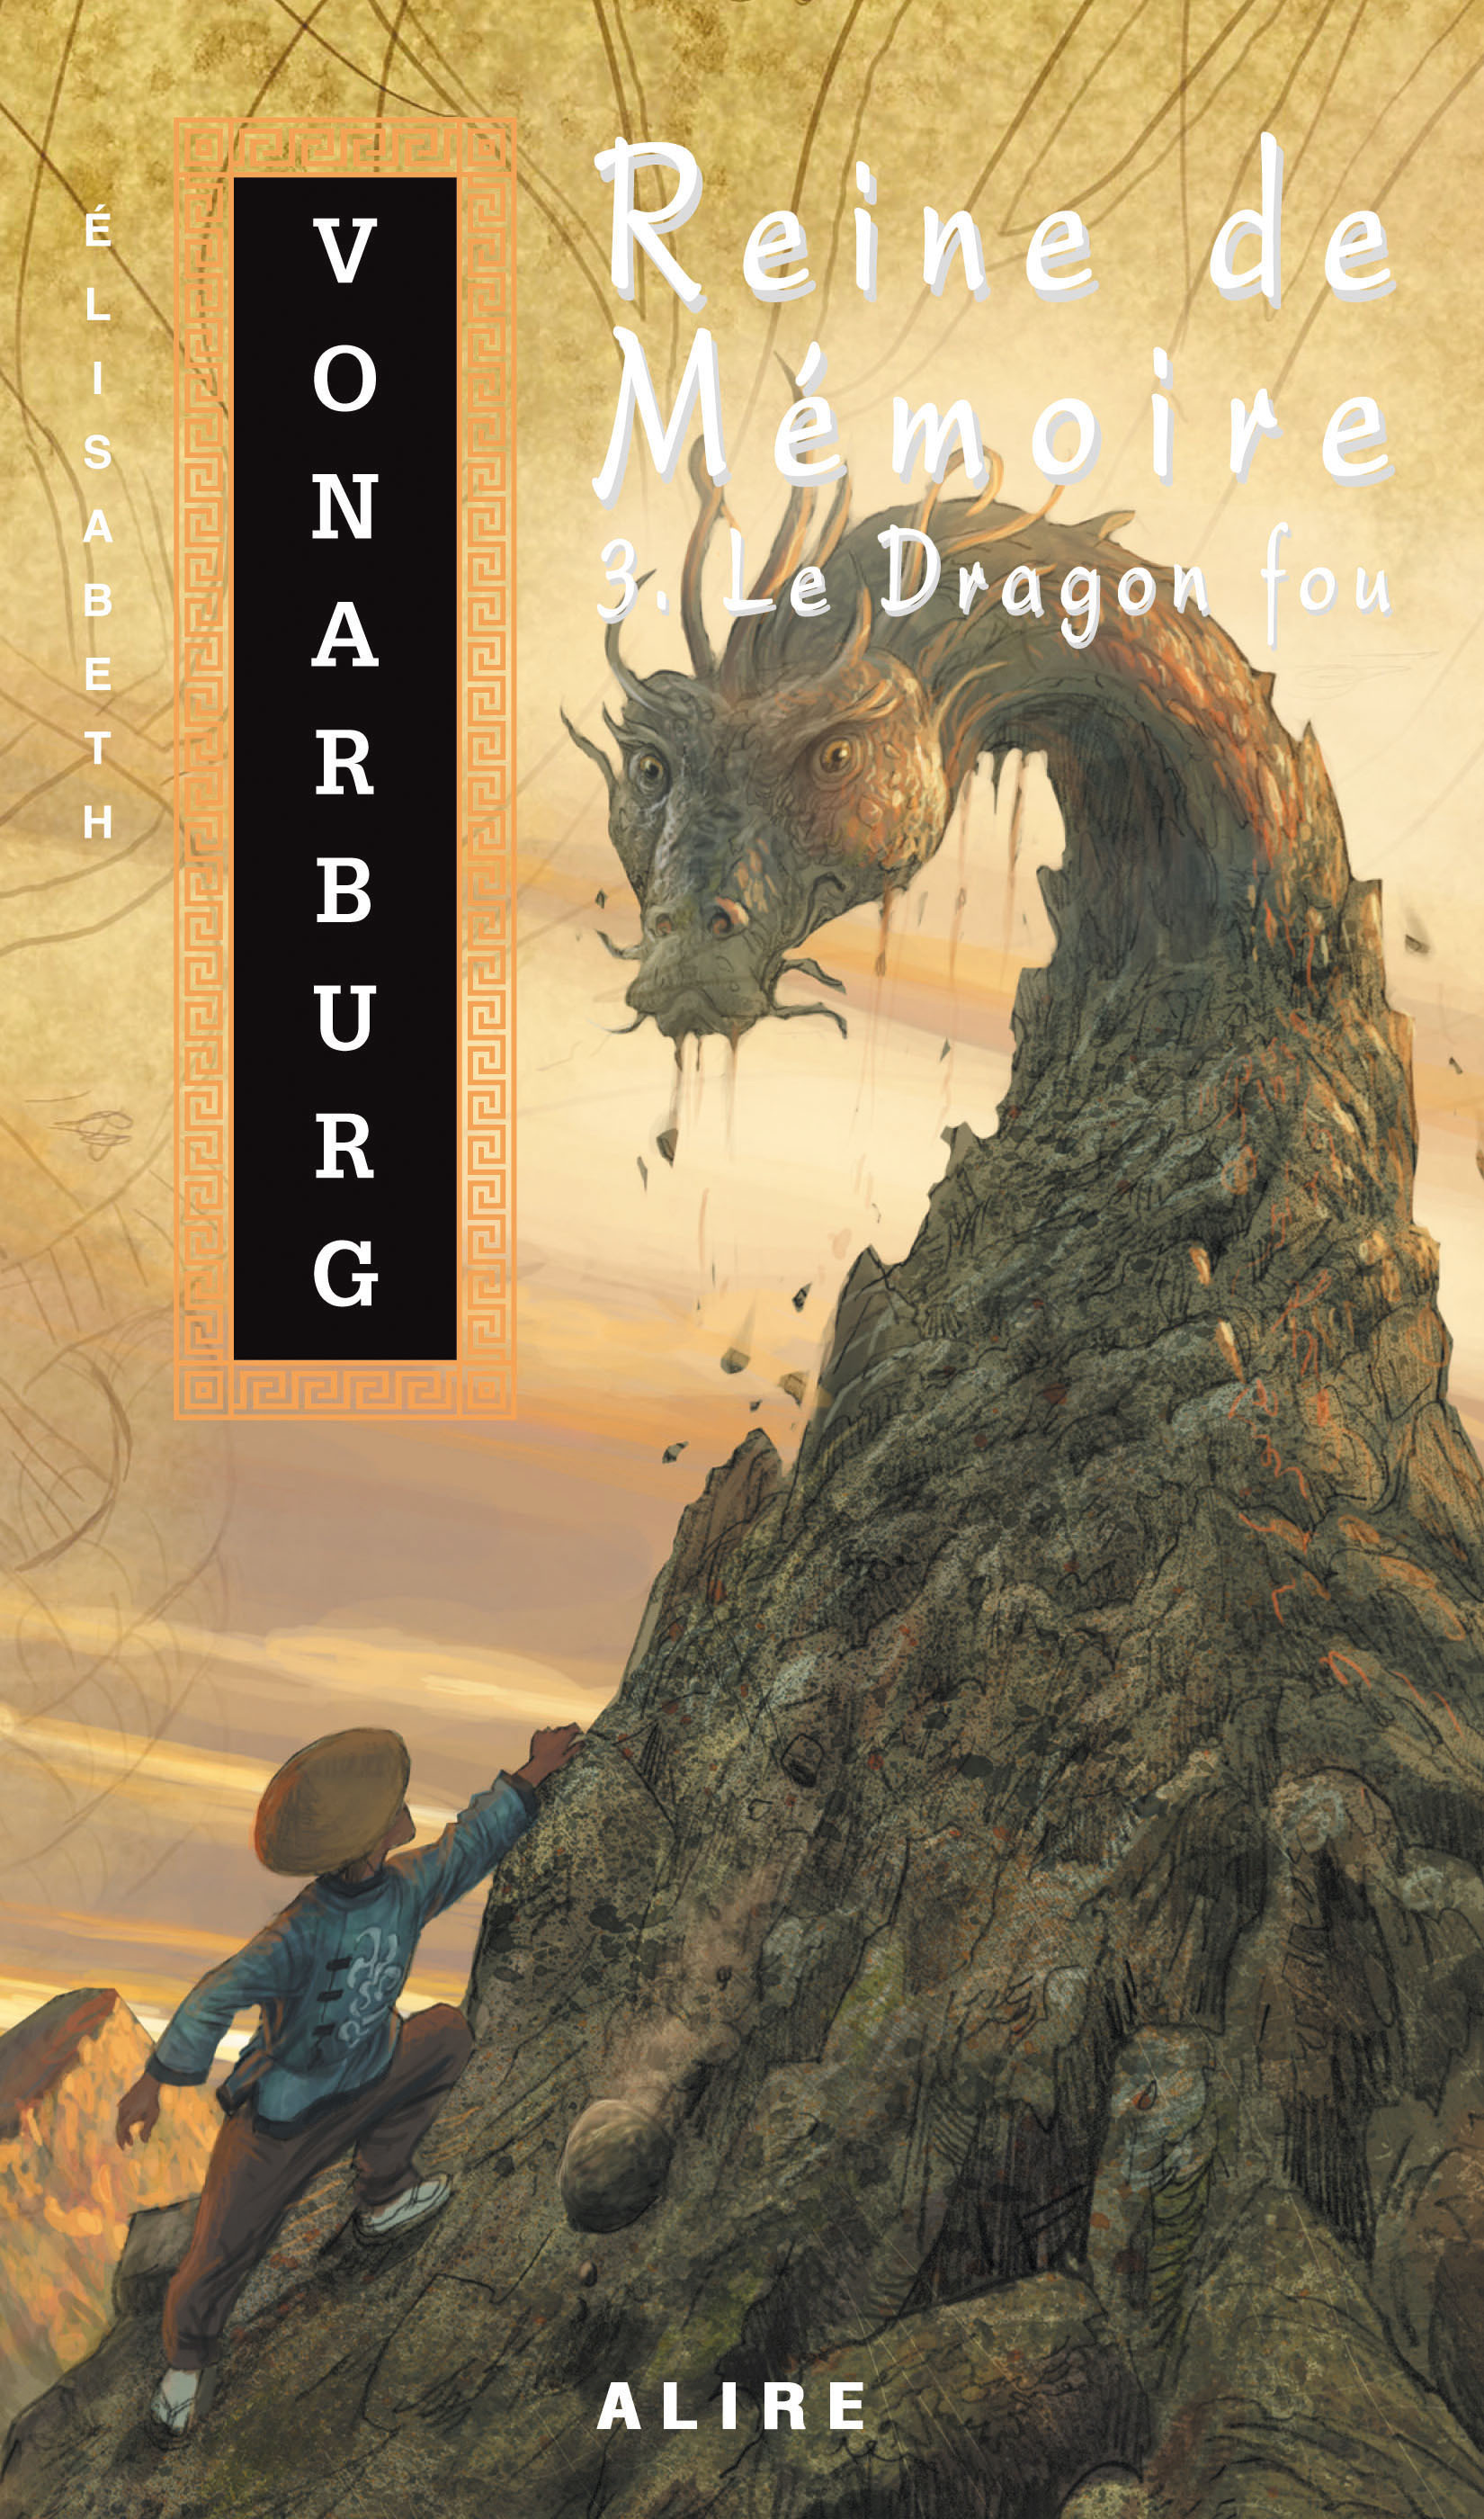 Reine de Mémoire 3. Le Dragon fou